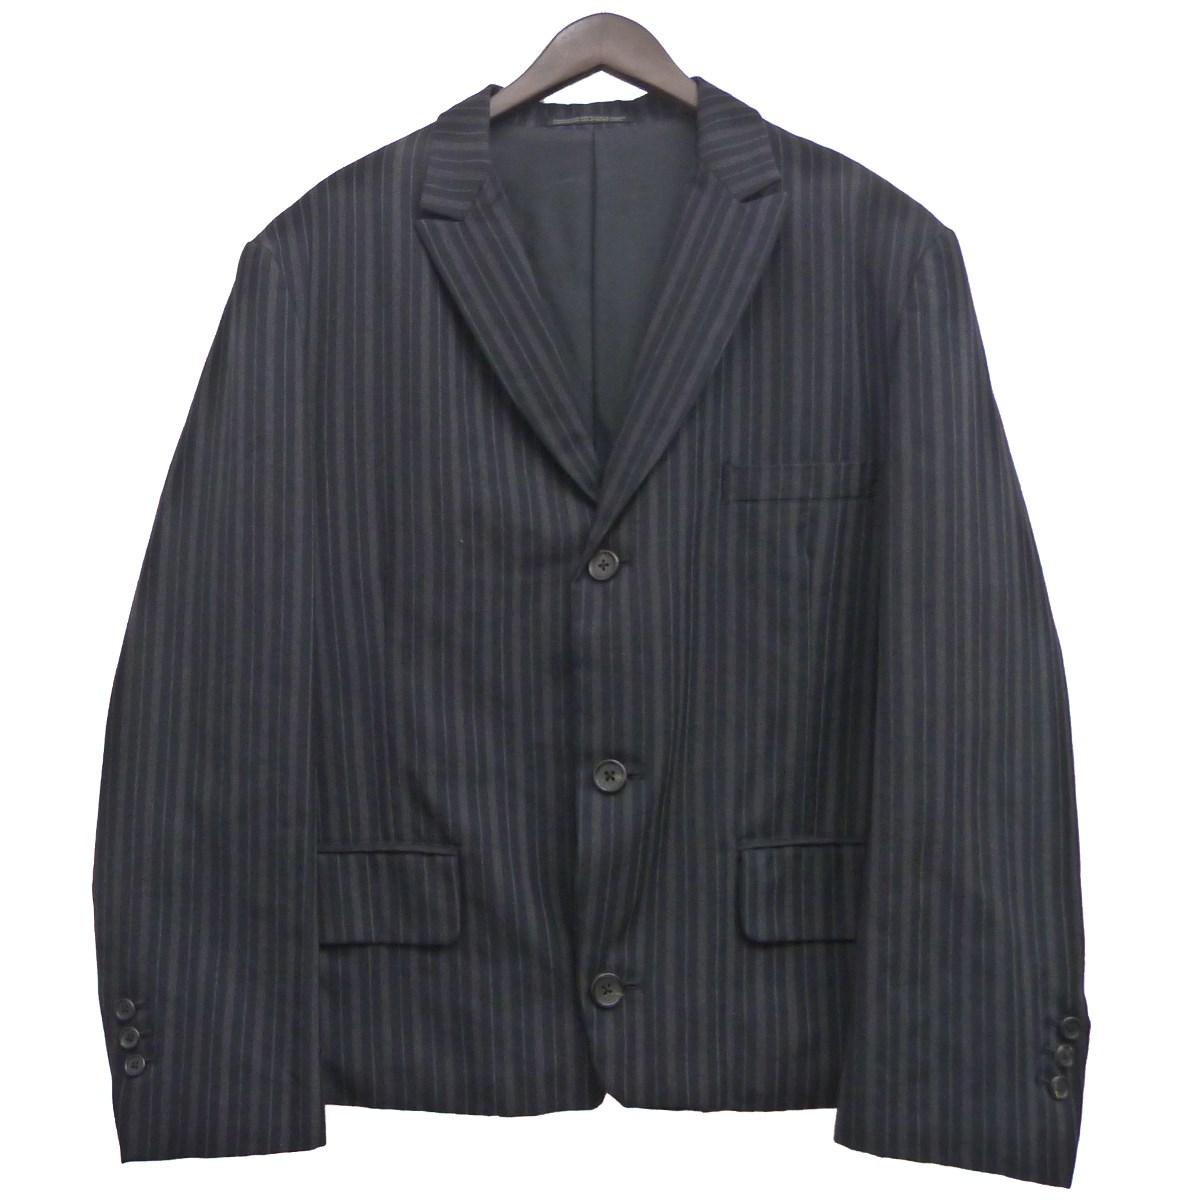 【中古】YOHJI YAMAMOTO pour homme ピークドラペルストライプジャケット ブラック サイズ:5 【101119】(ヨウジヤマモトプールオム)